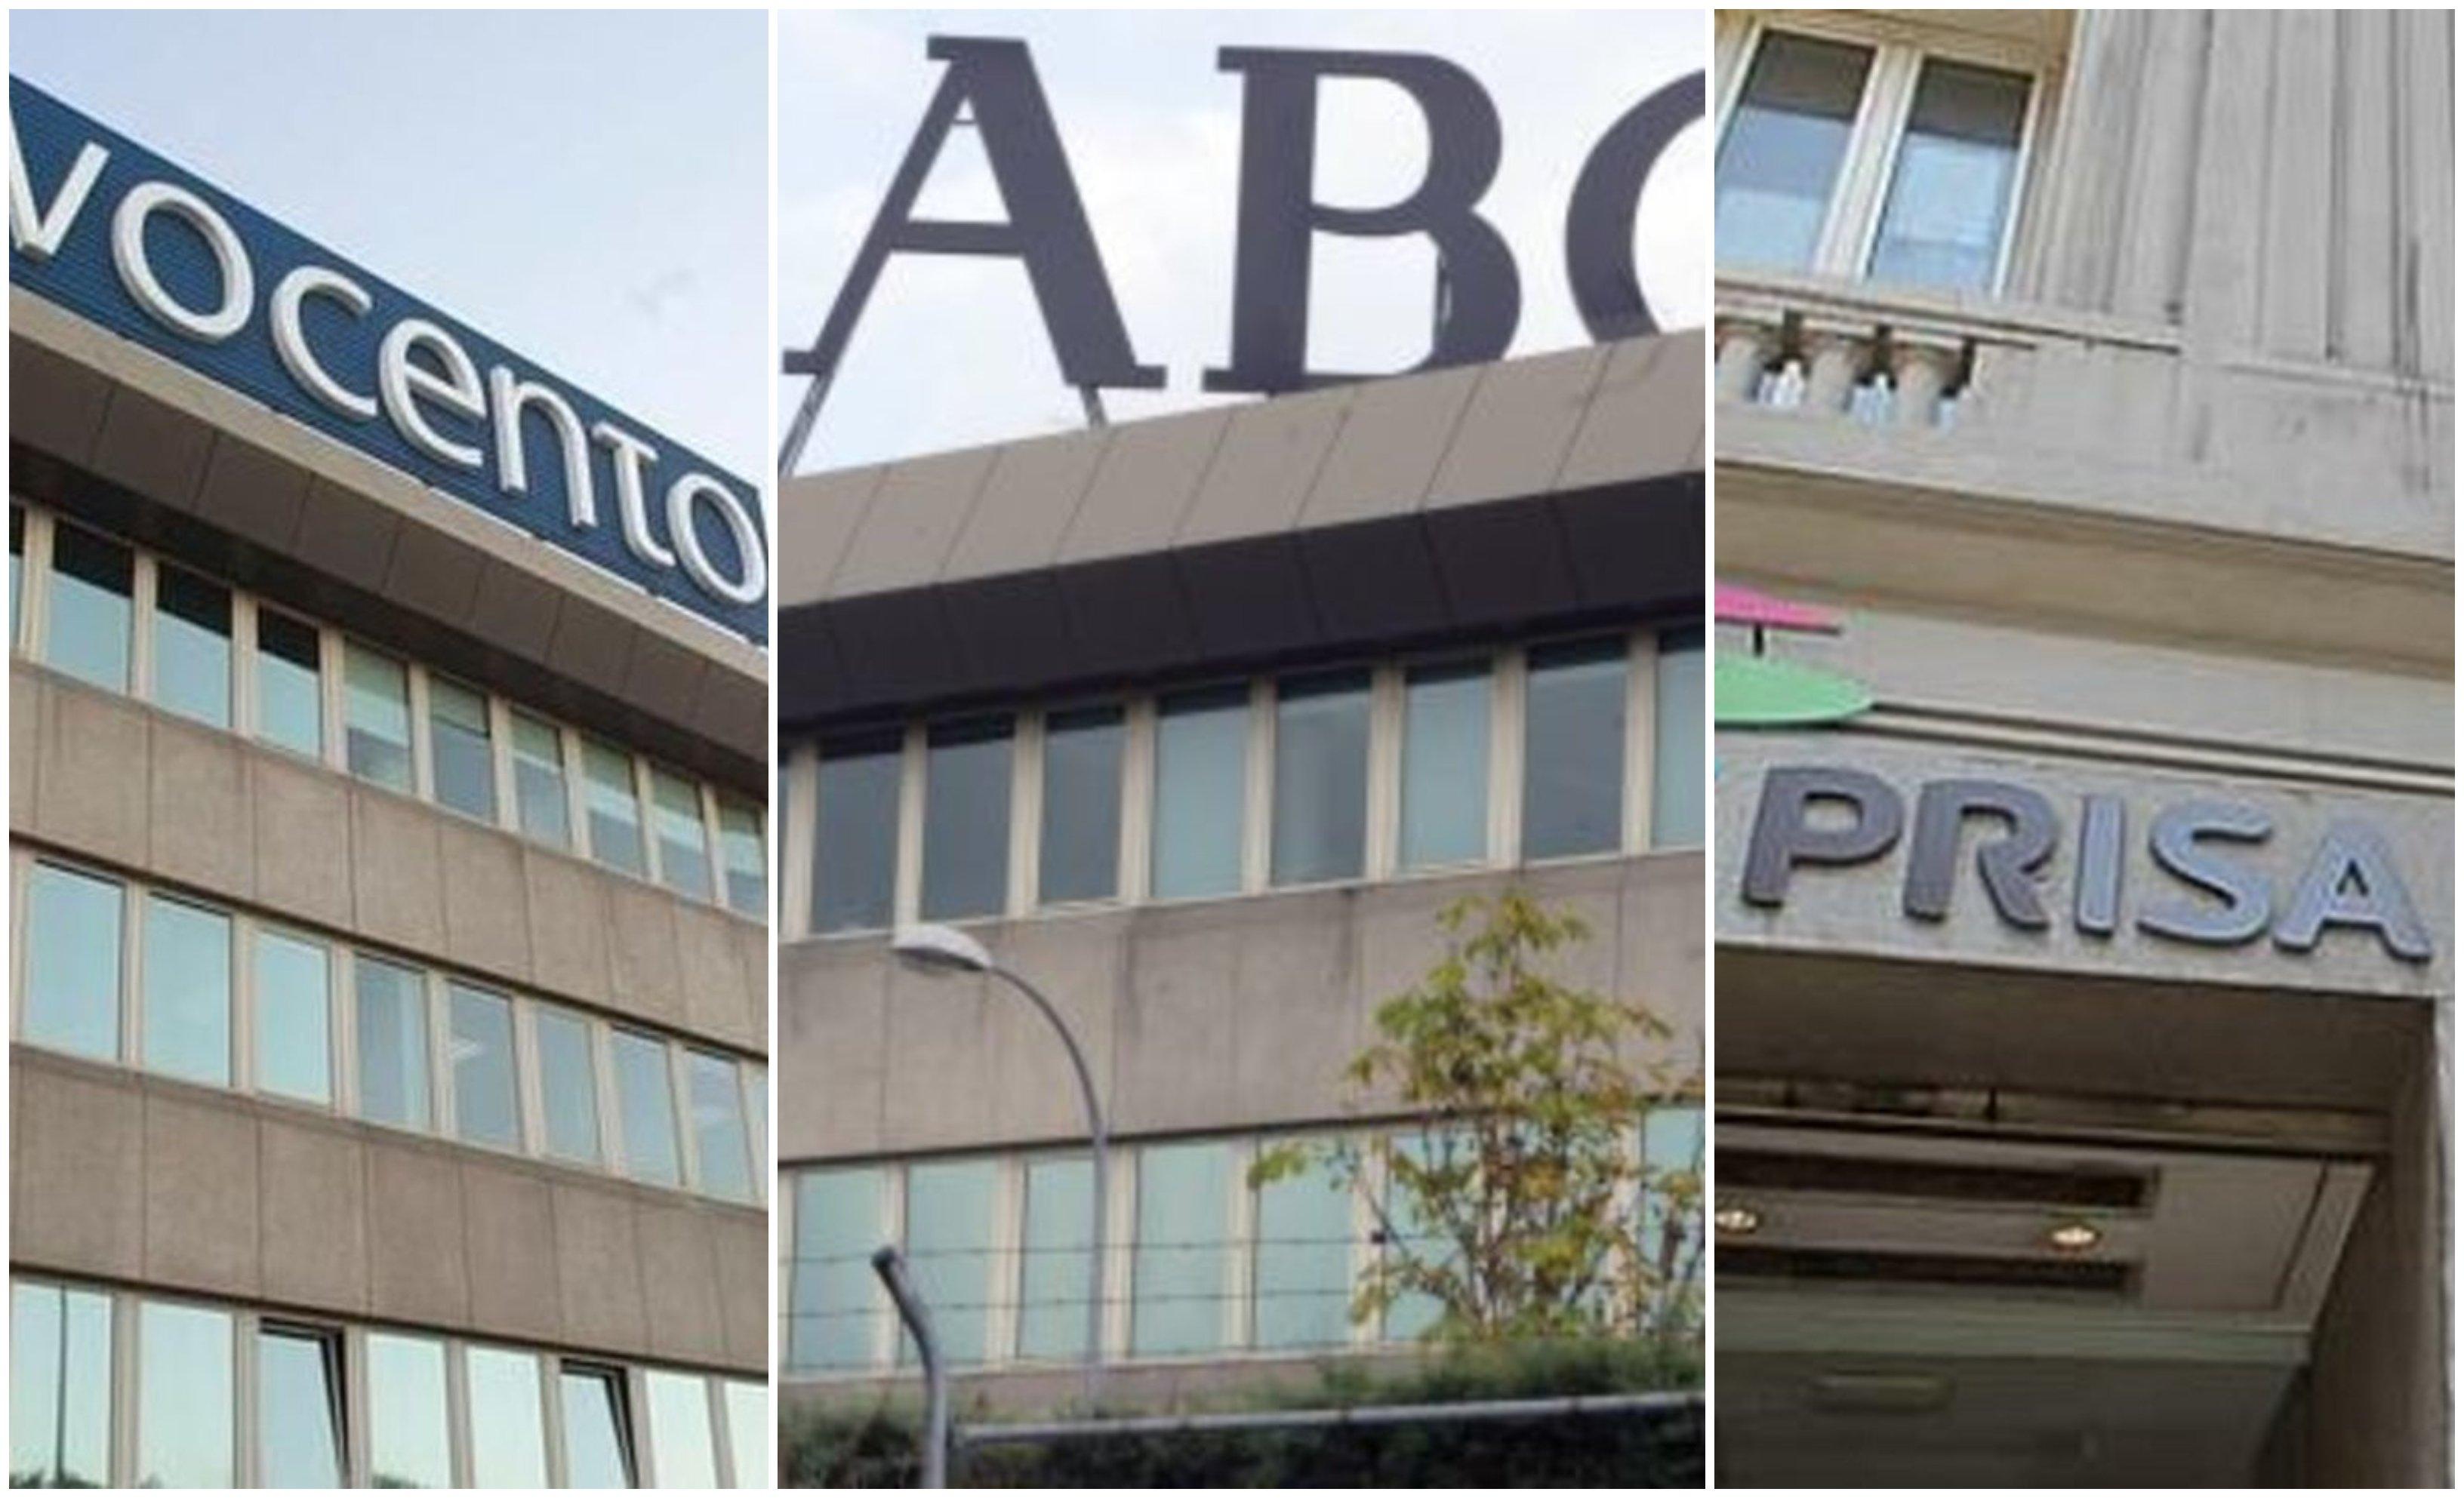 Vocento, hacia el troceo: ABC para las Luca de Tena y la prensa regional para PRISA